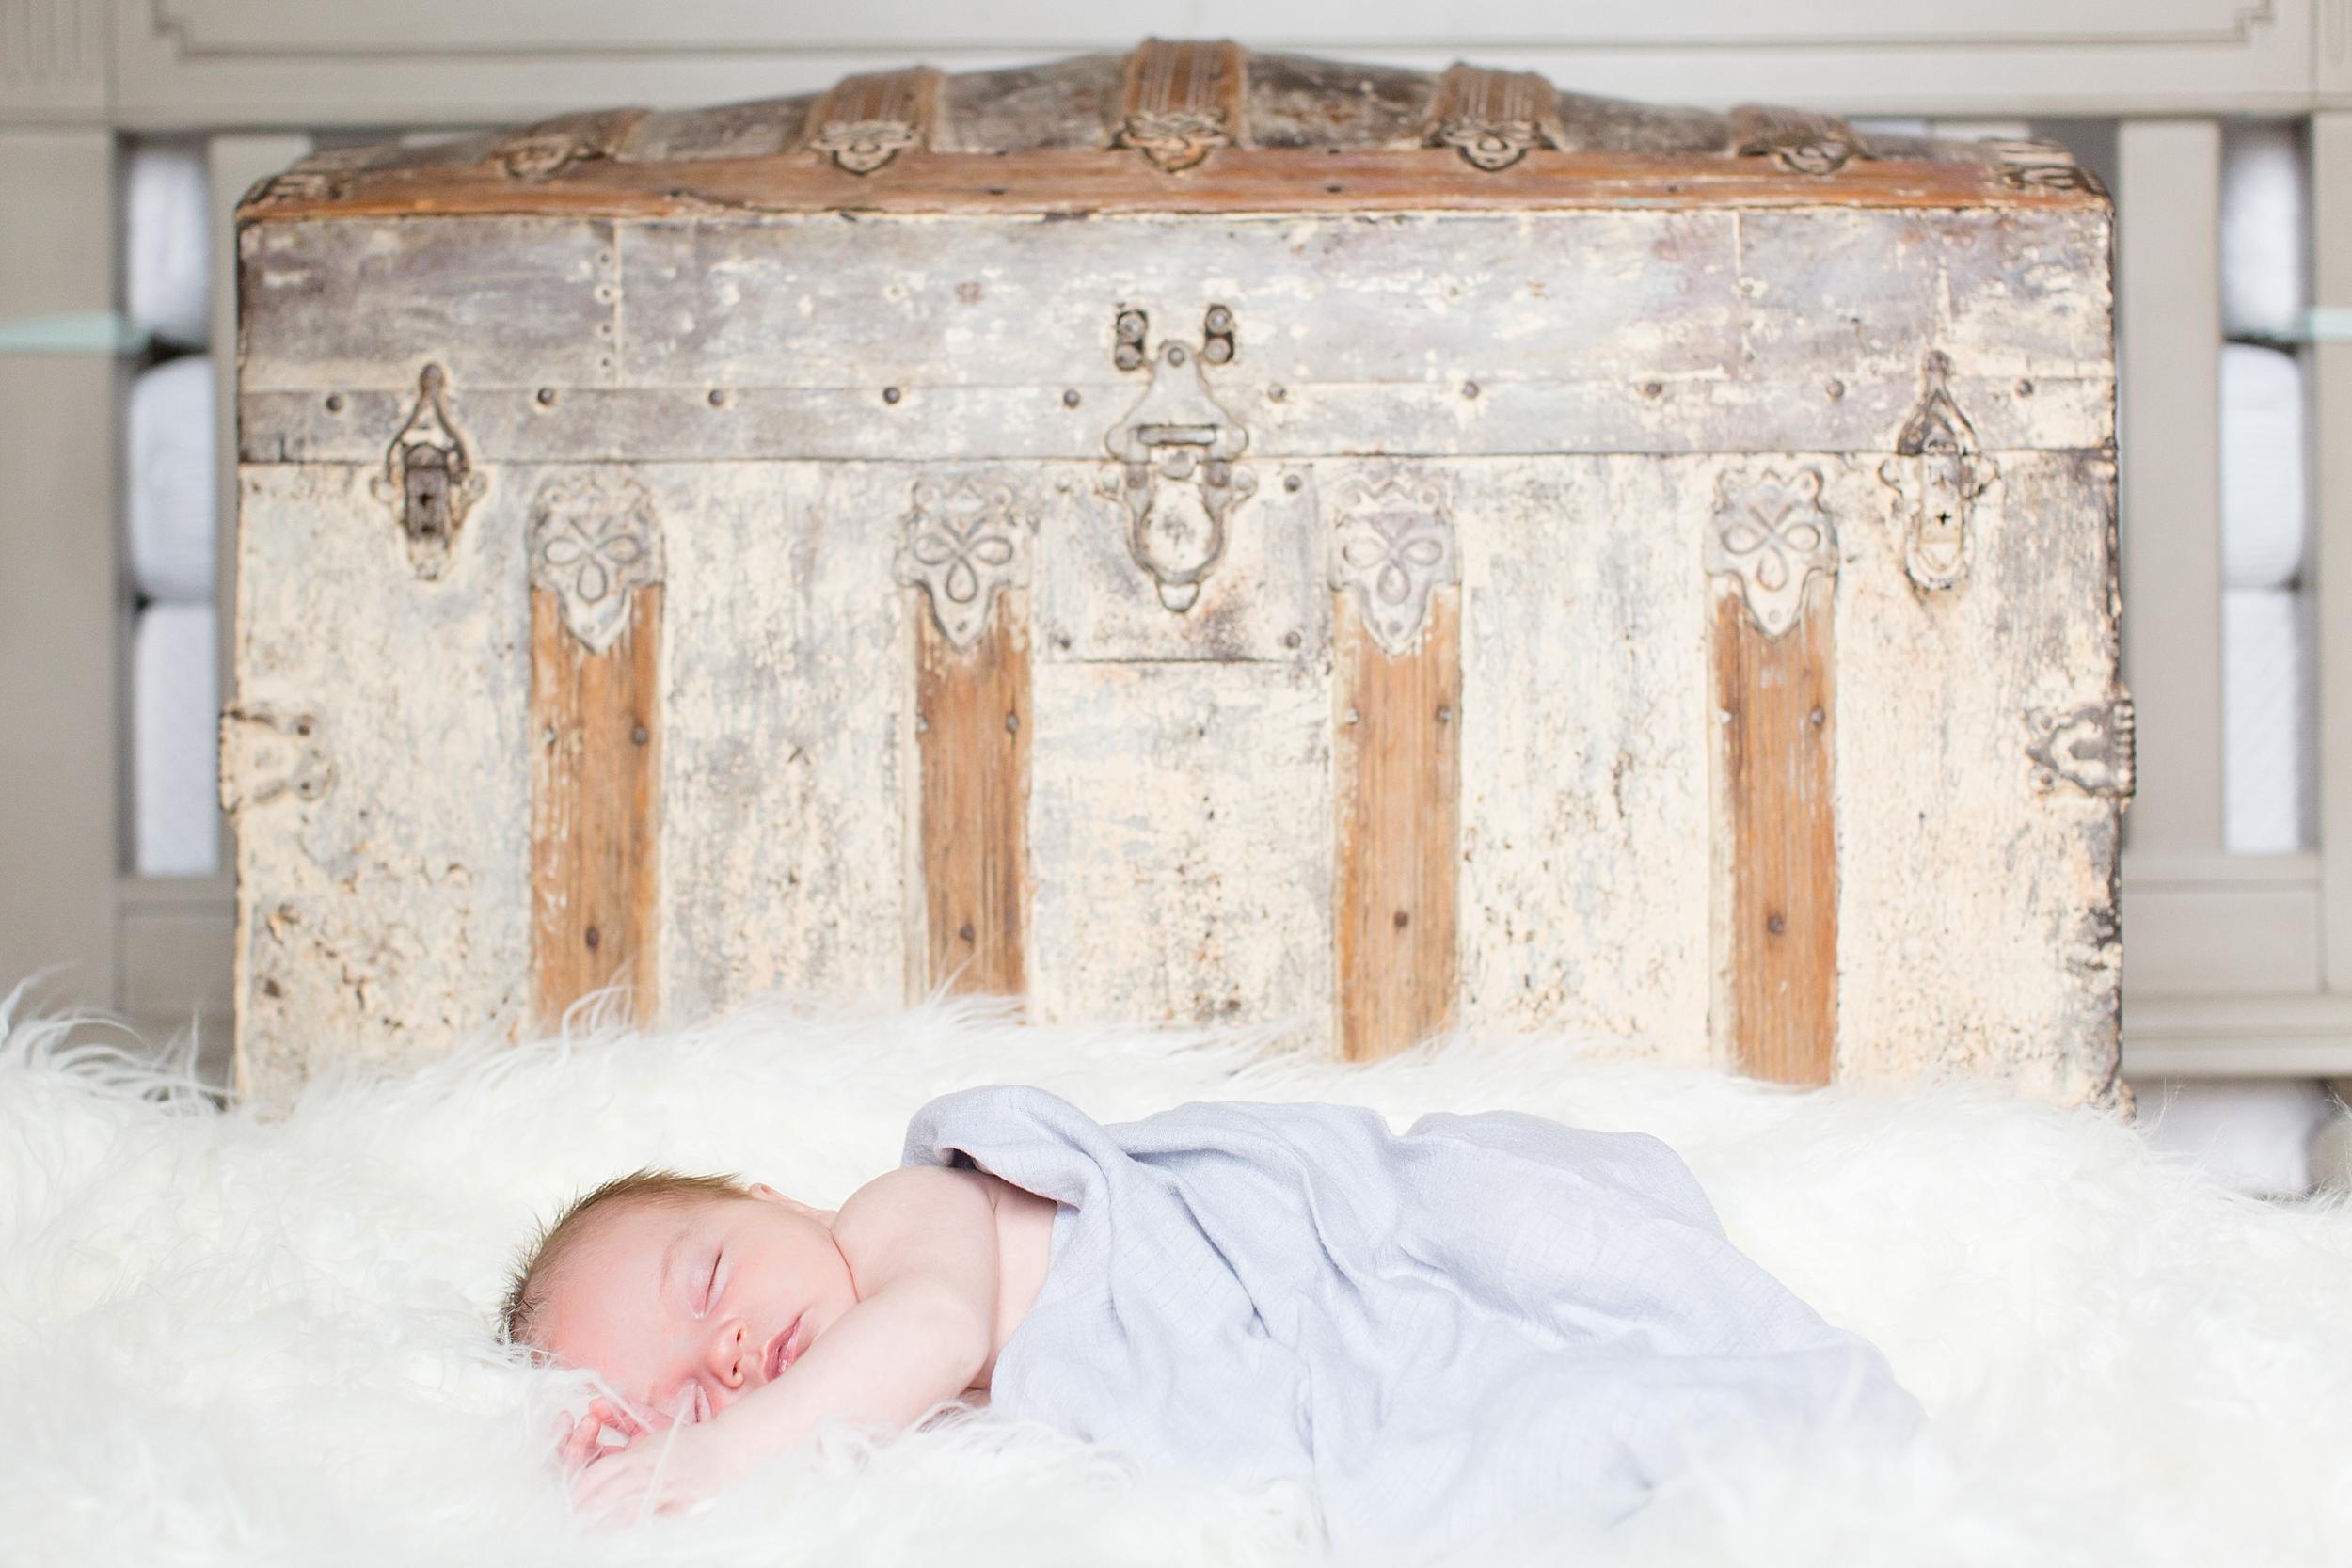 Landon-Schneider-Photography-Liverance-Newborn-Session-McKinney-Texas_0030.jpg